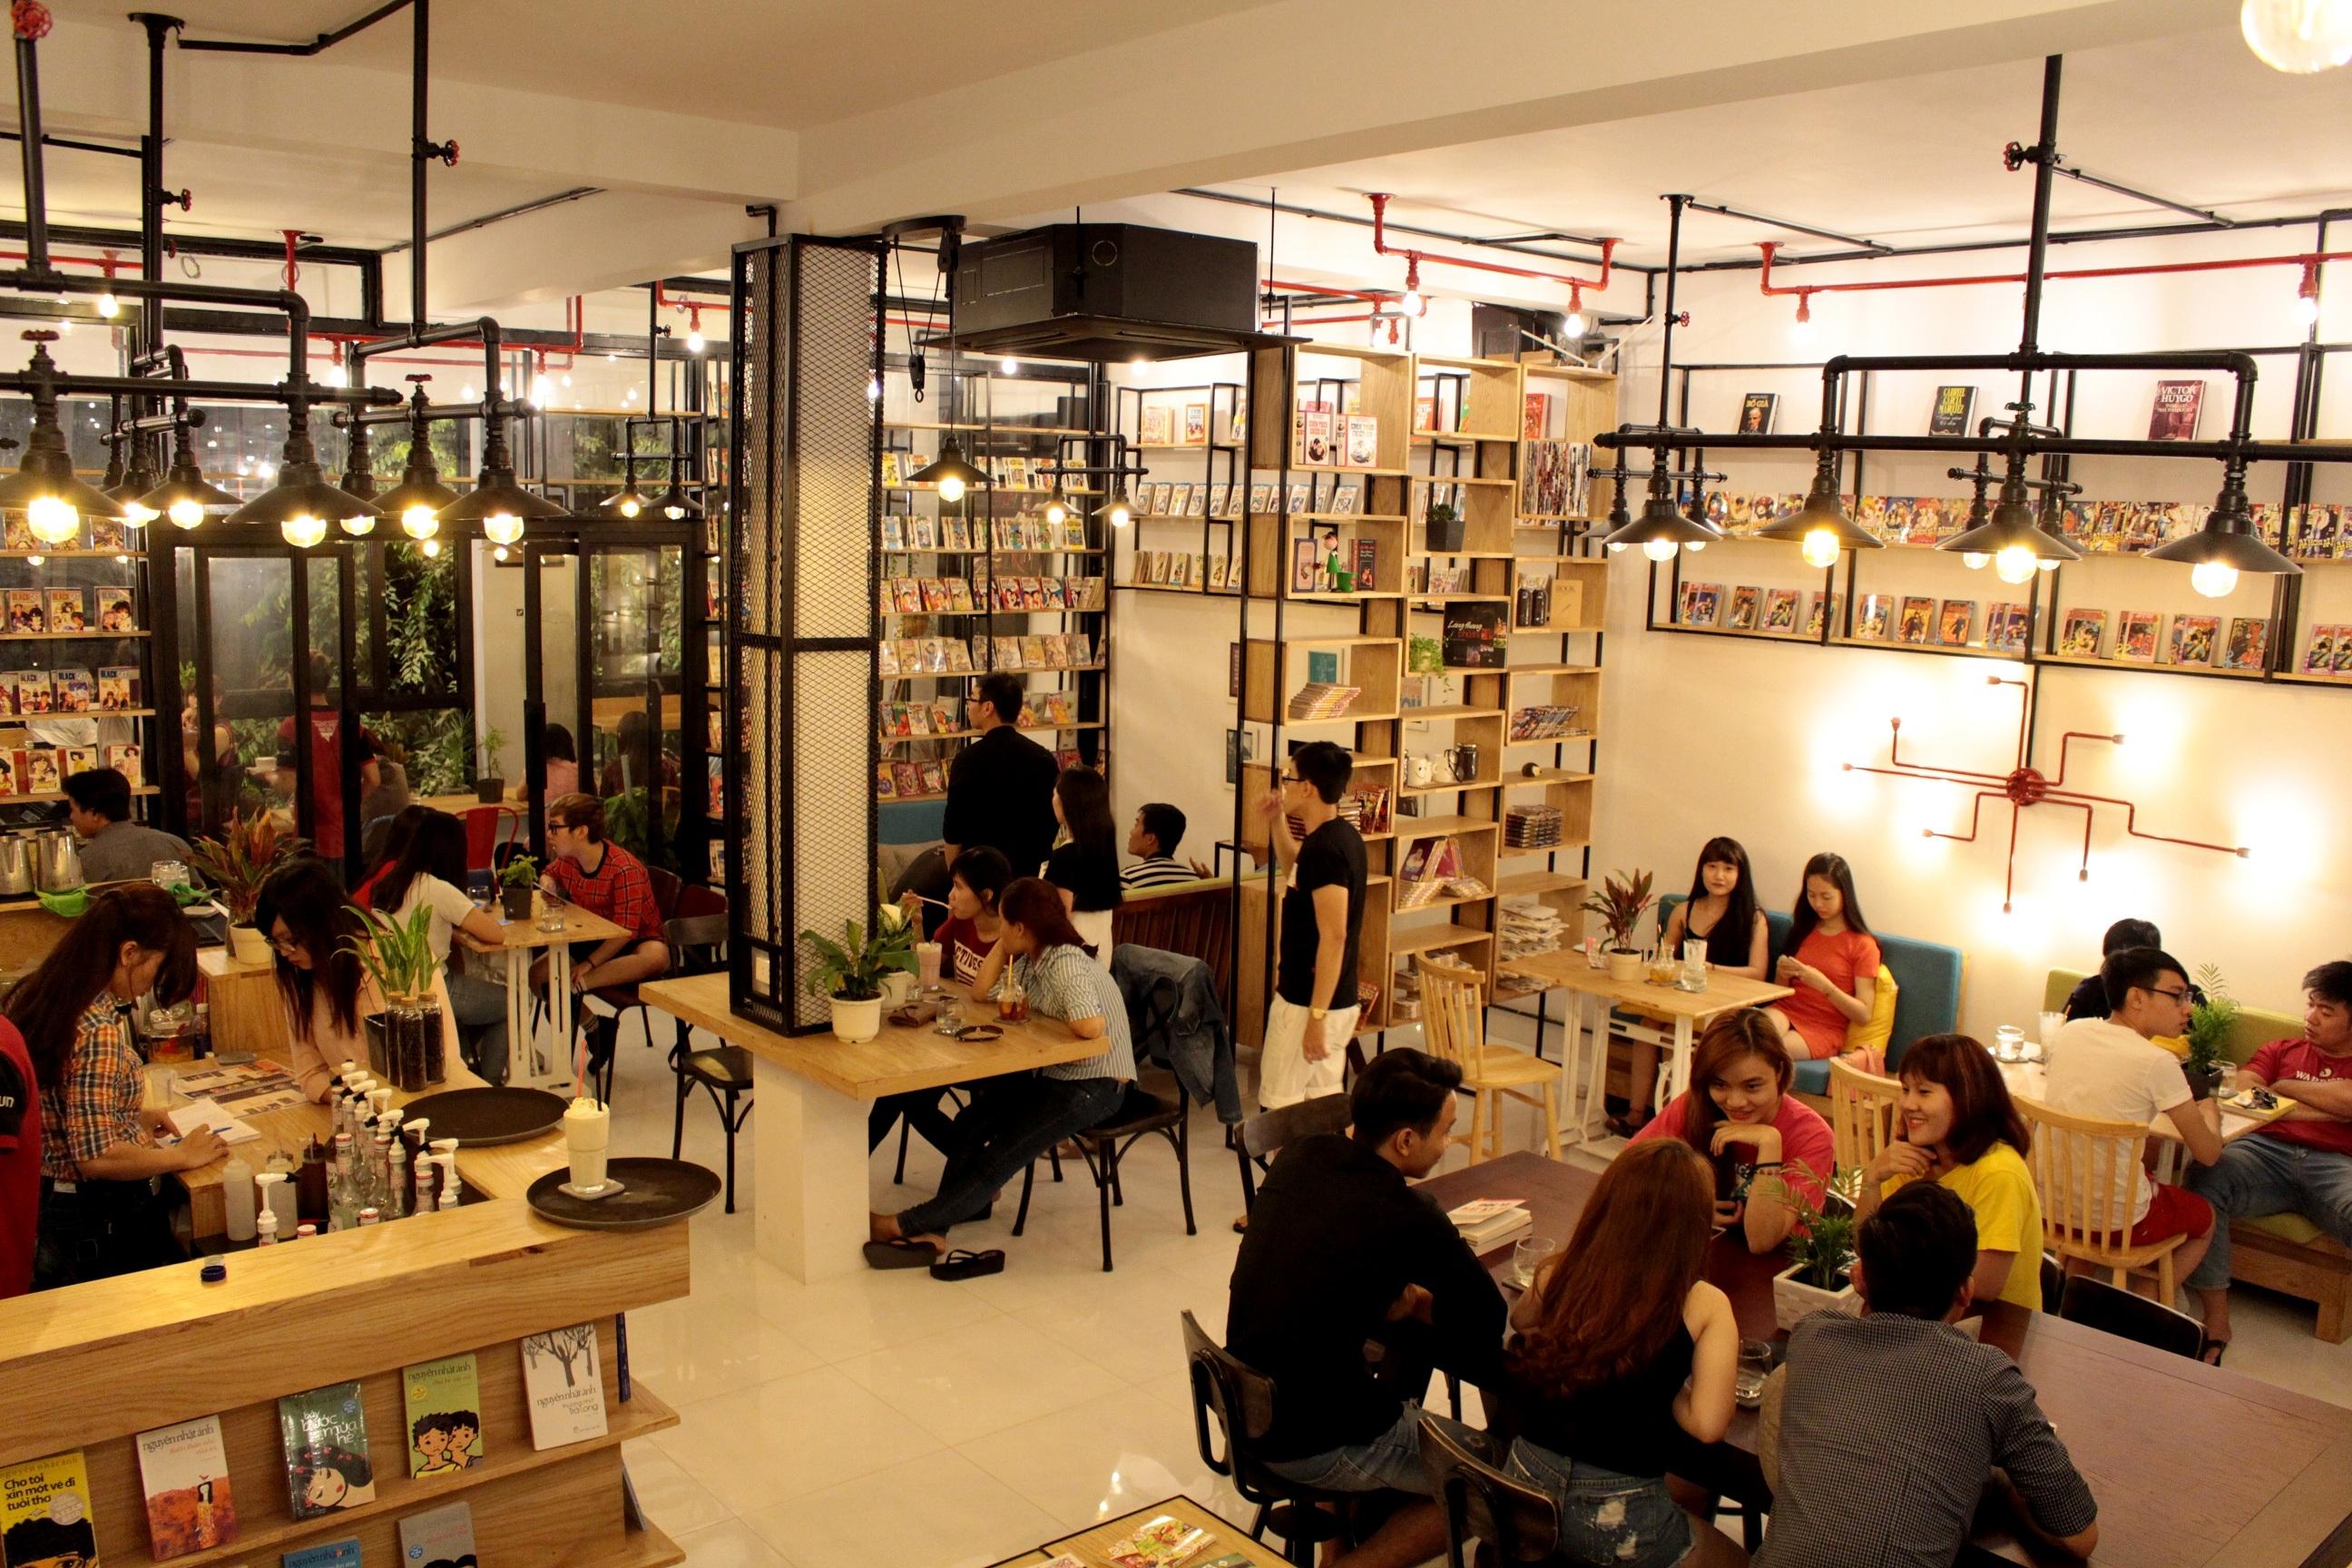 ý tưởng kinh doanh quán cafe hot hiện nay